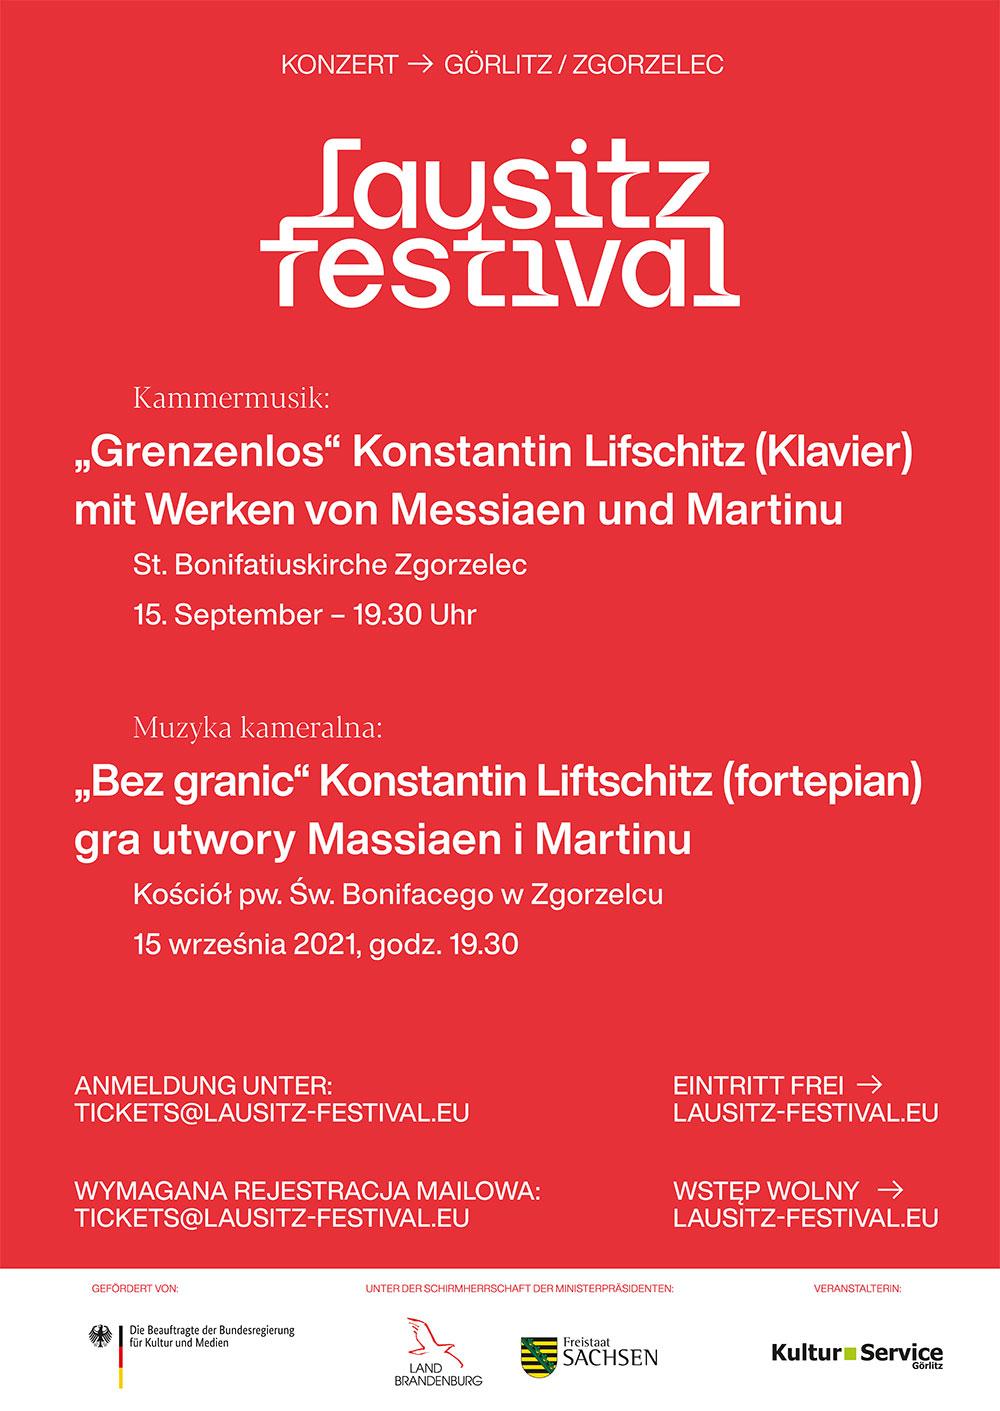 Lausitz Festival z gościnnym koncertem w Zgorzelcu